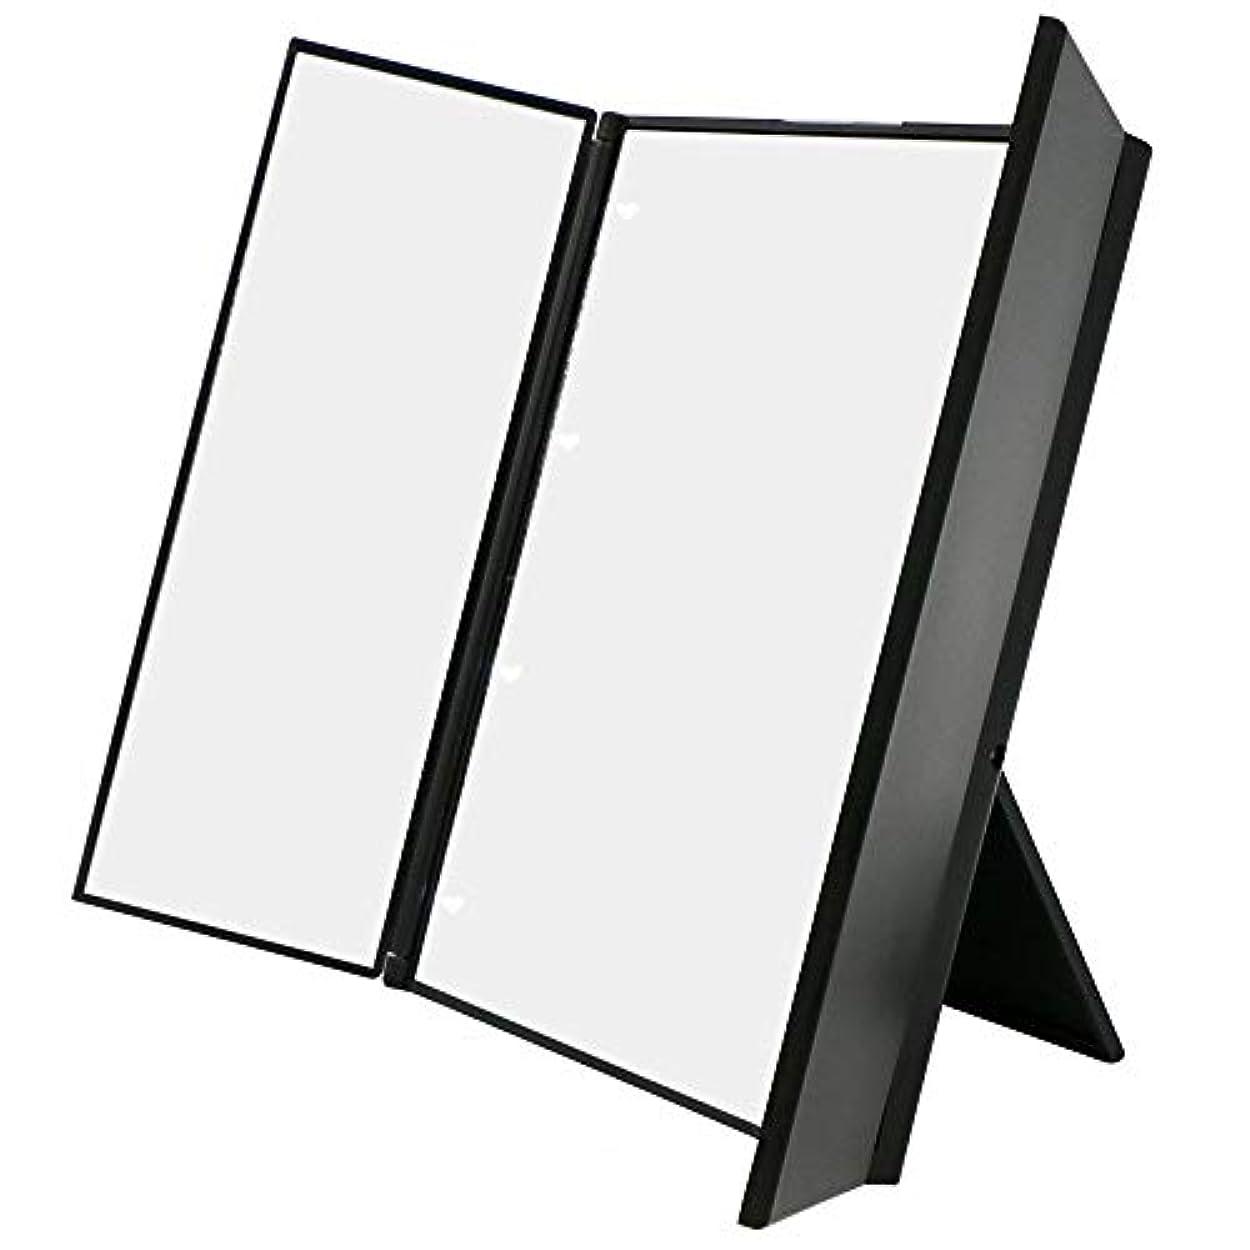 共和党狼司教化粧鏡 卓上ミラー三面鏡 スタンドミラー LED付き 折りたたみ式 角度調整可能